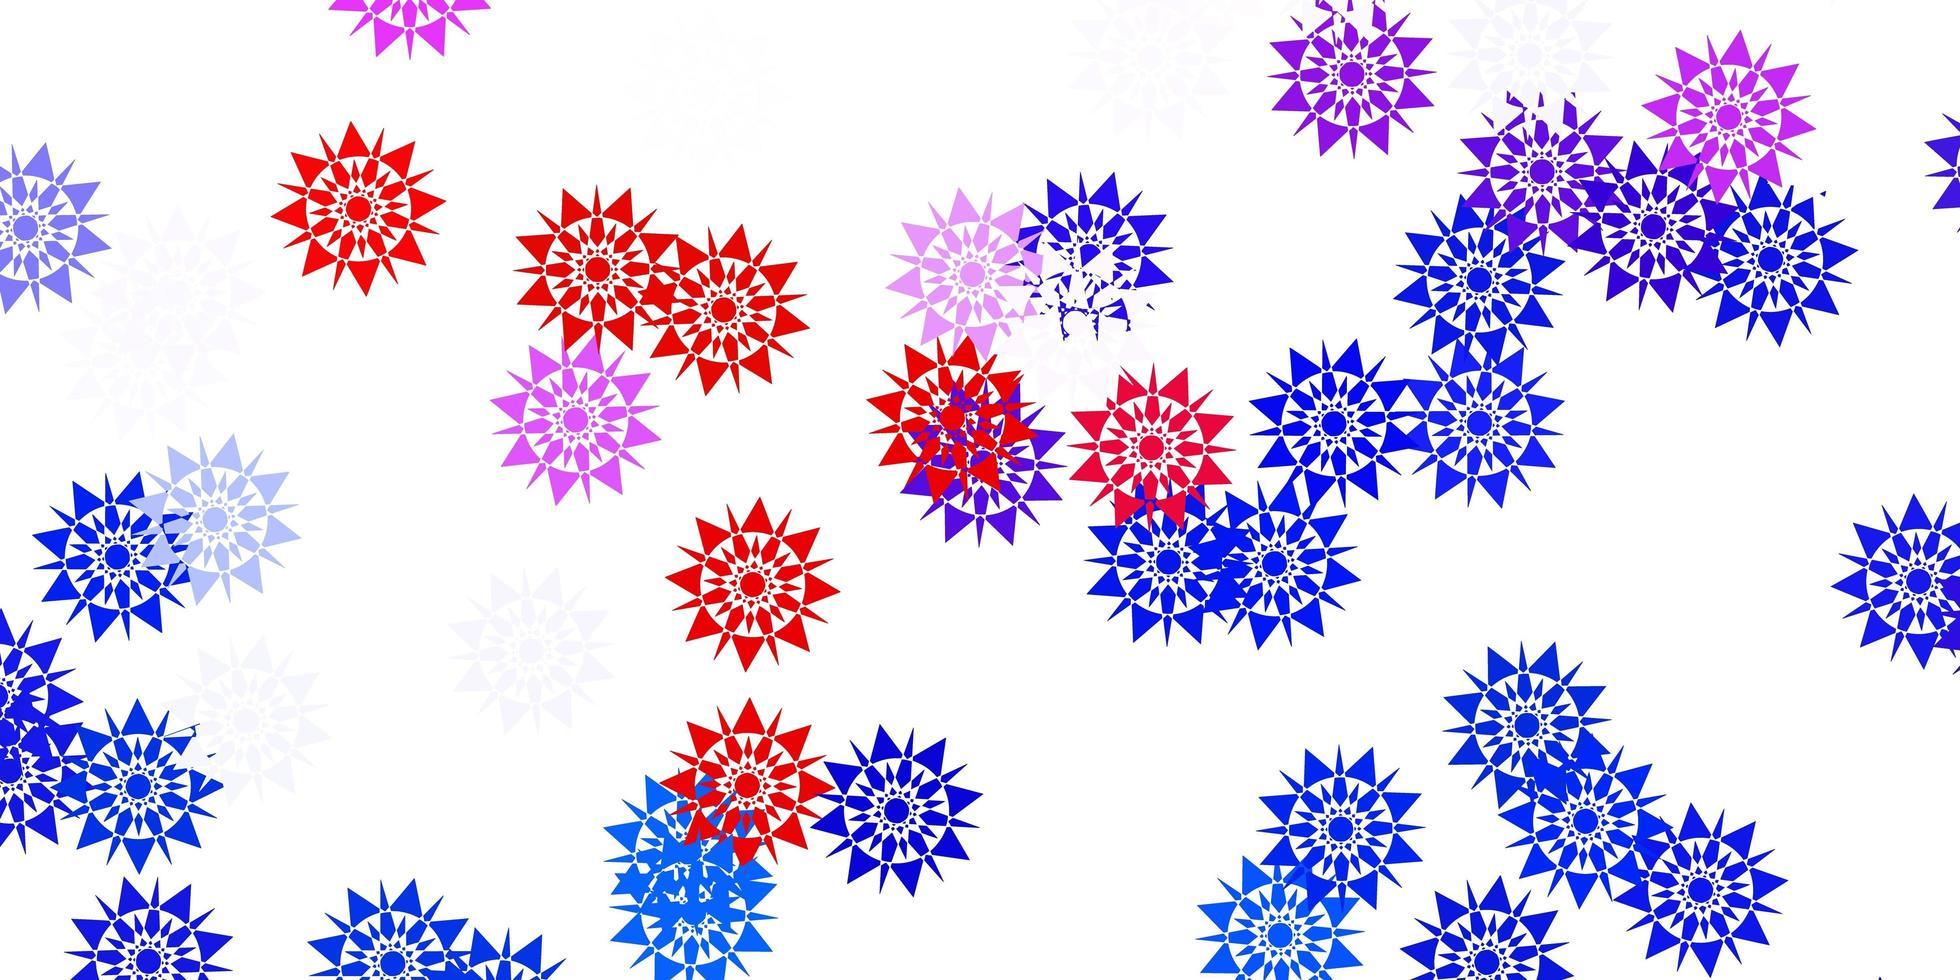 textura vector azul e vermelho claro com flocos de neve brilhantes.